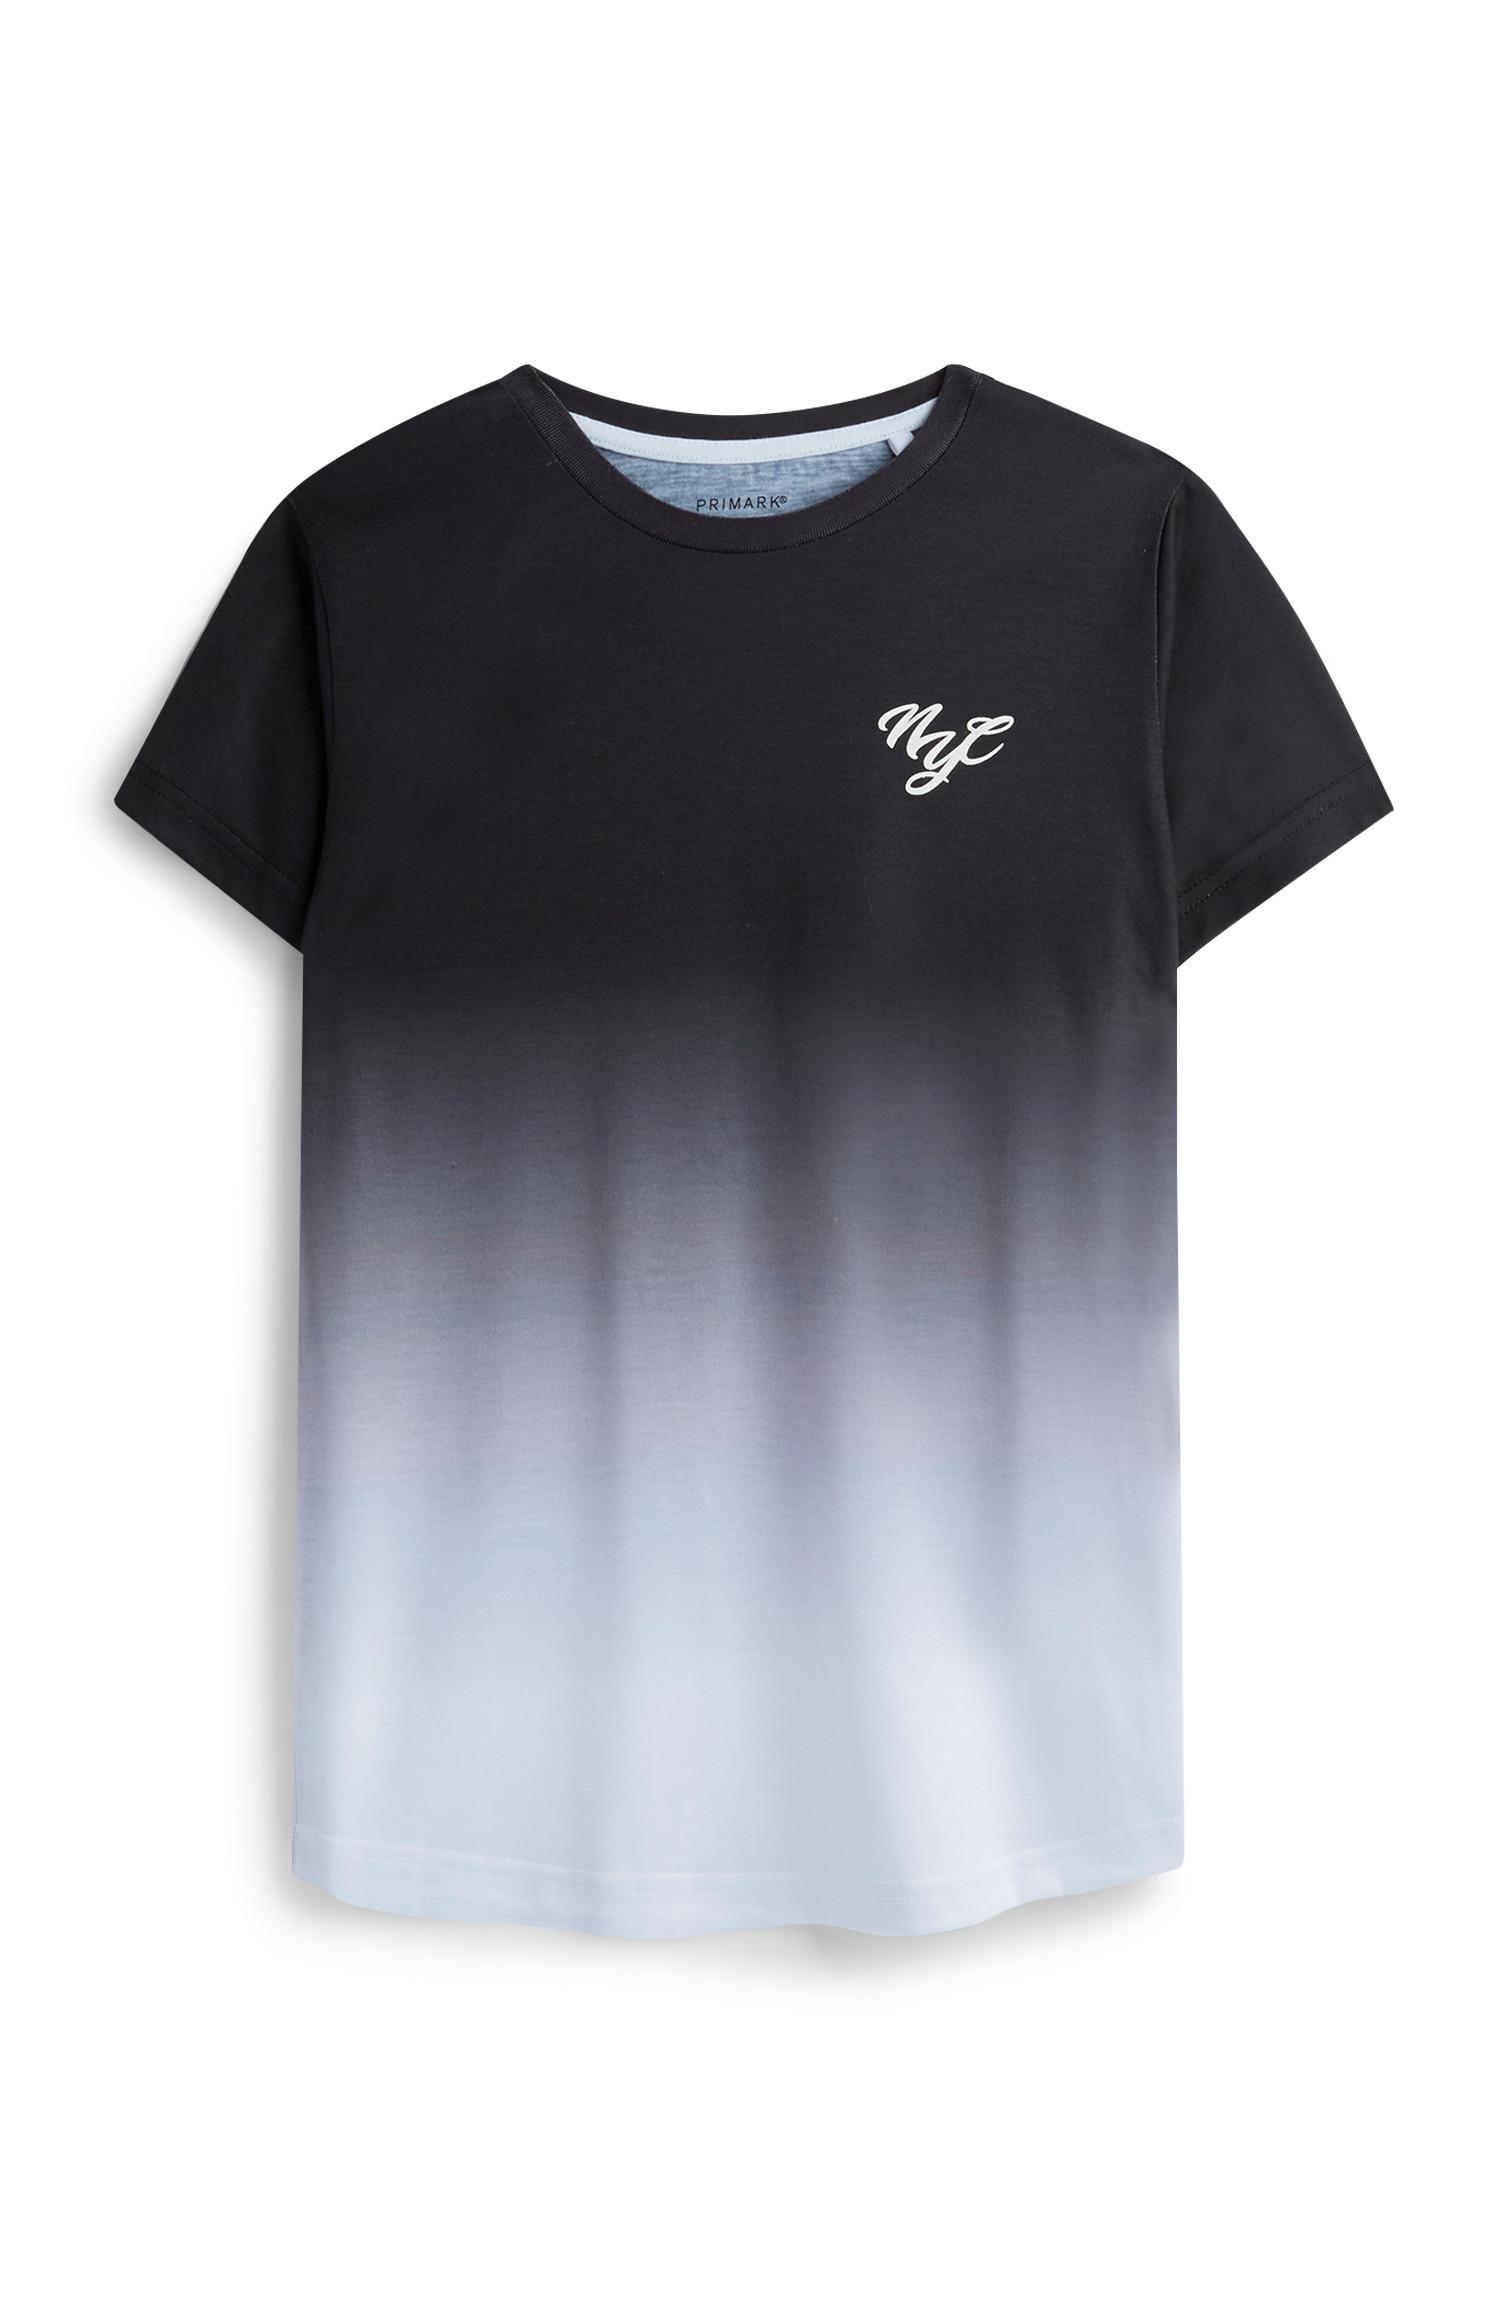 older boys tshirts shirts